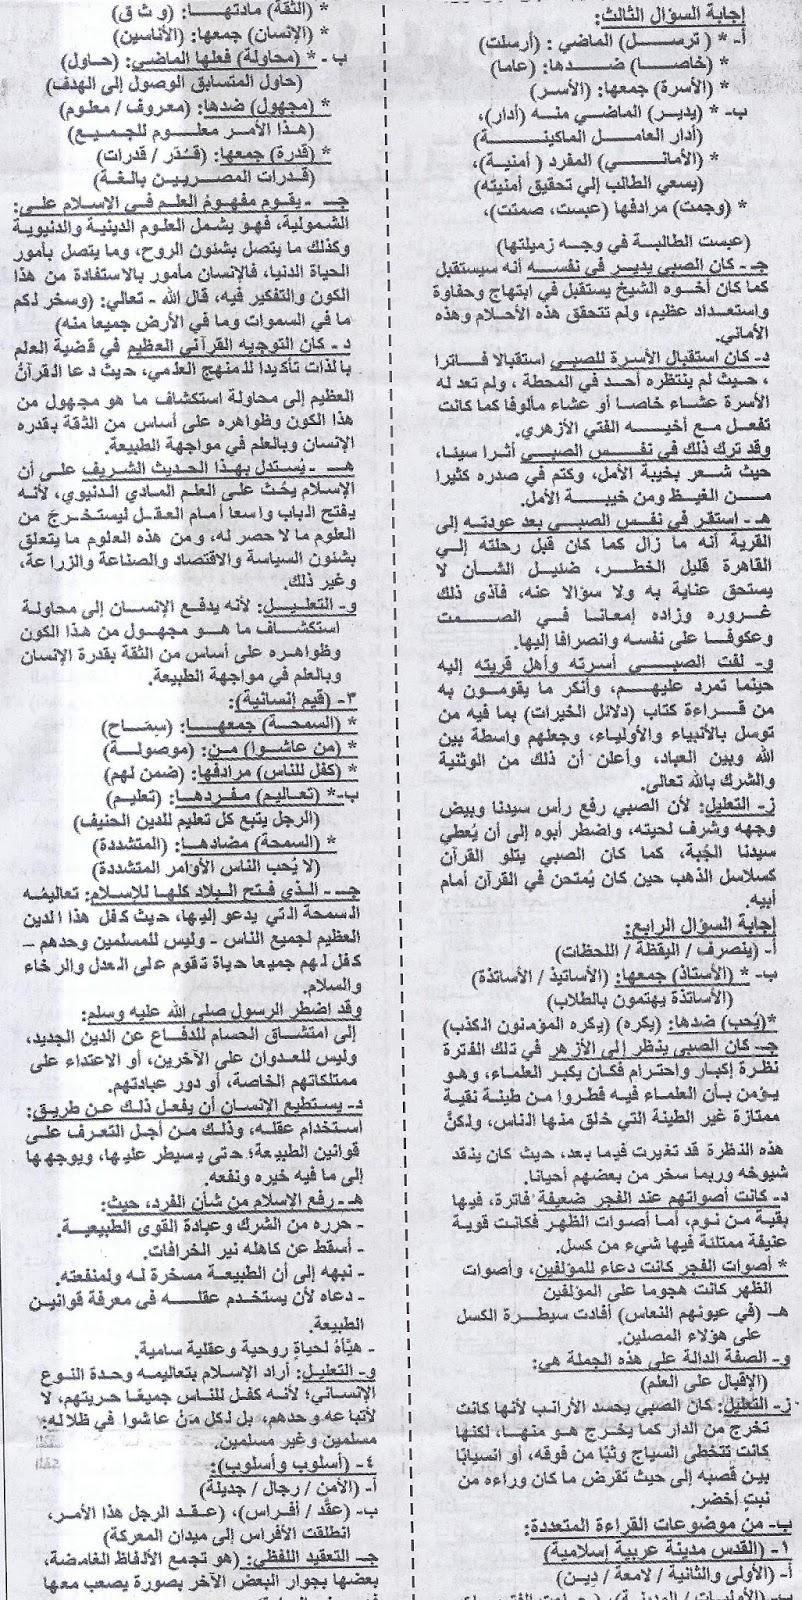 ملحق الجمهورية .. ينشر المراجعة الاخيرة لغة عربية للثانوية العامة 2016 14